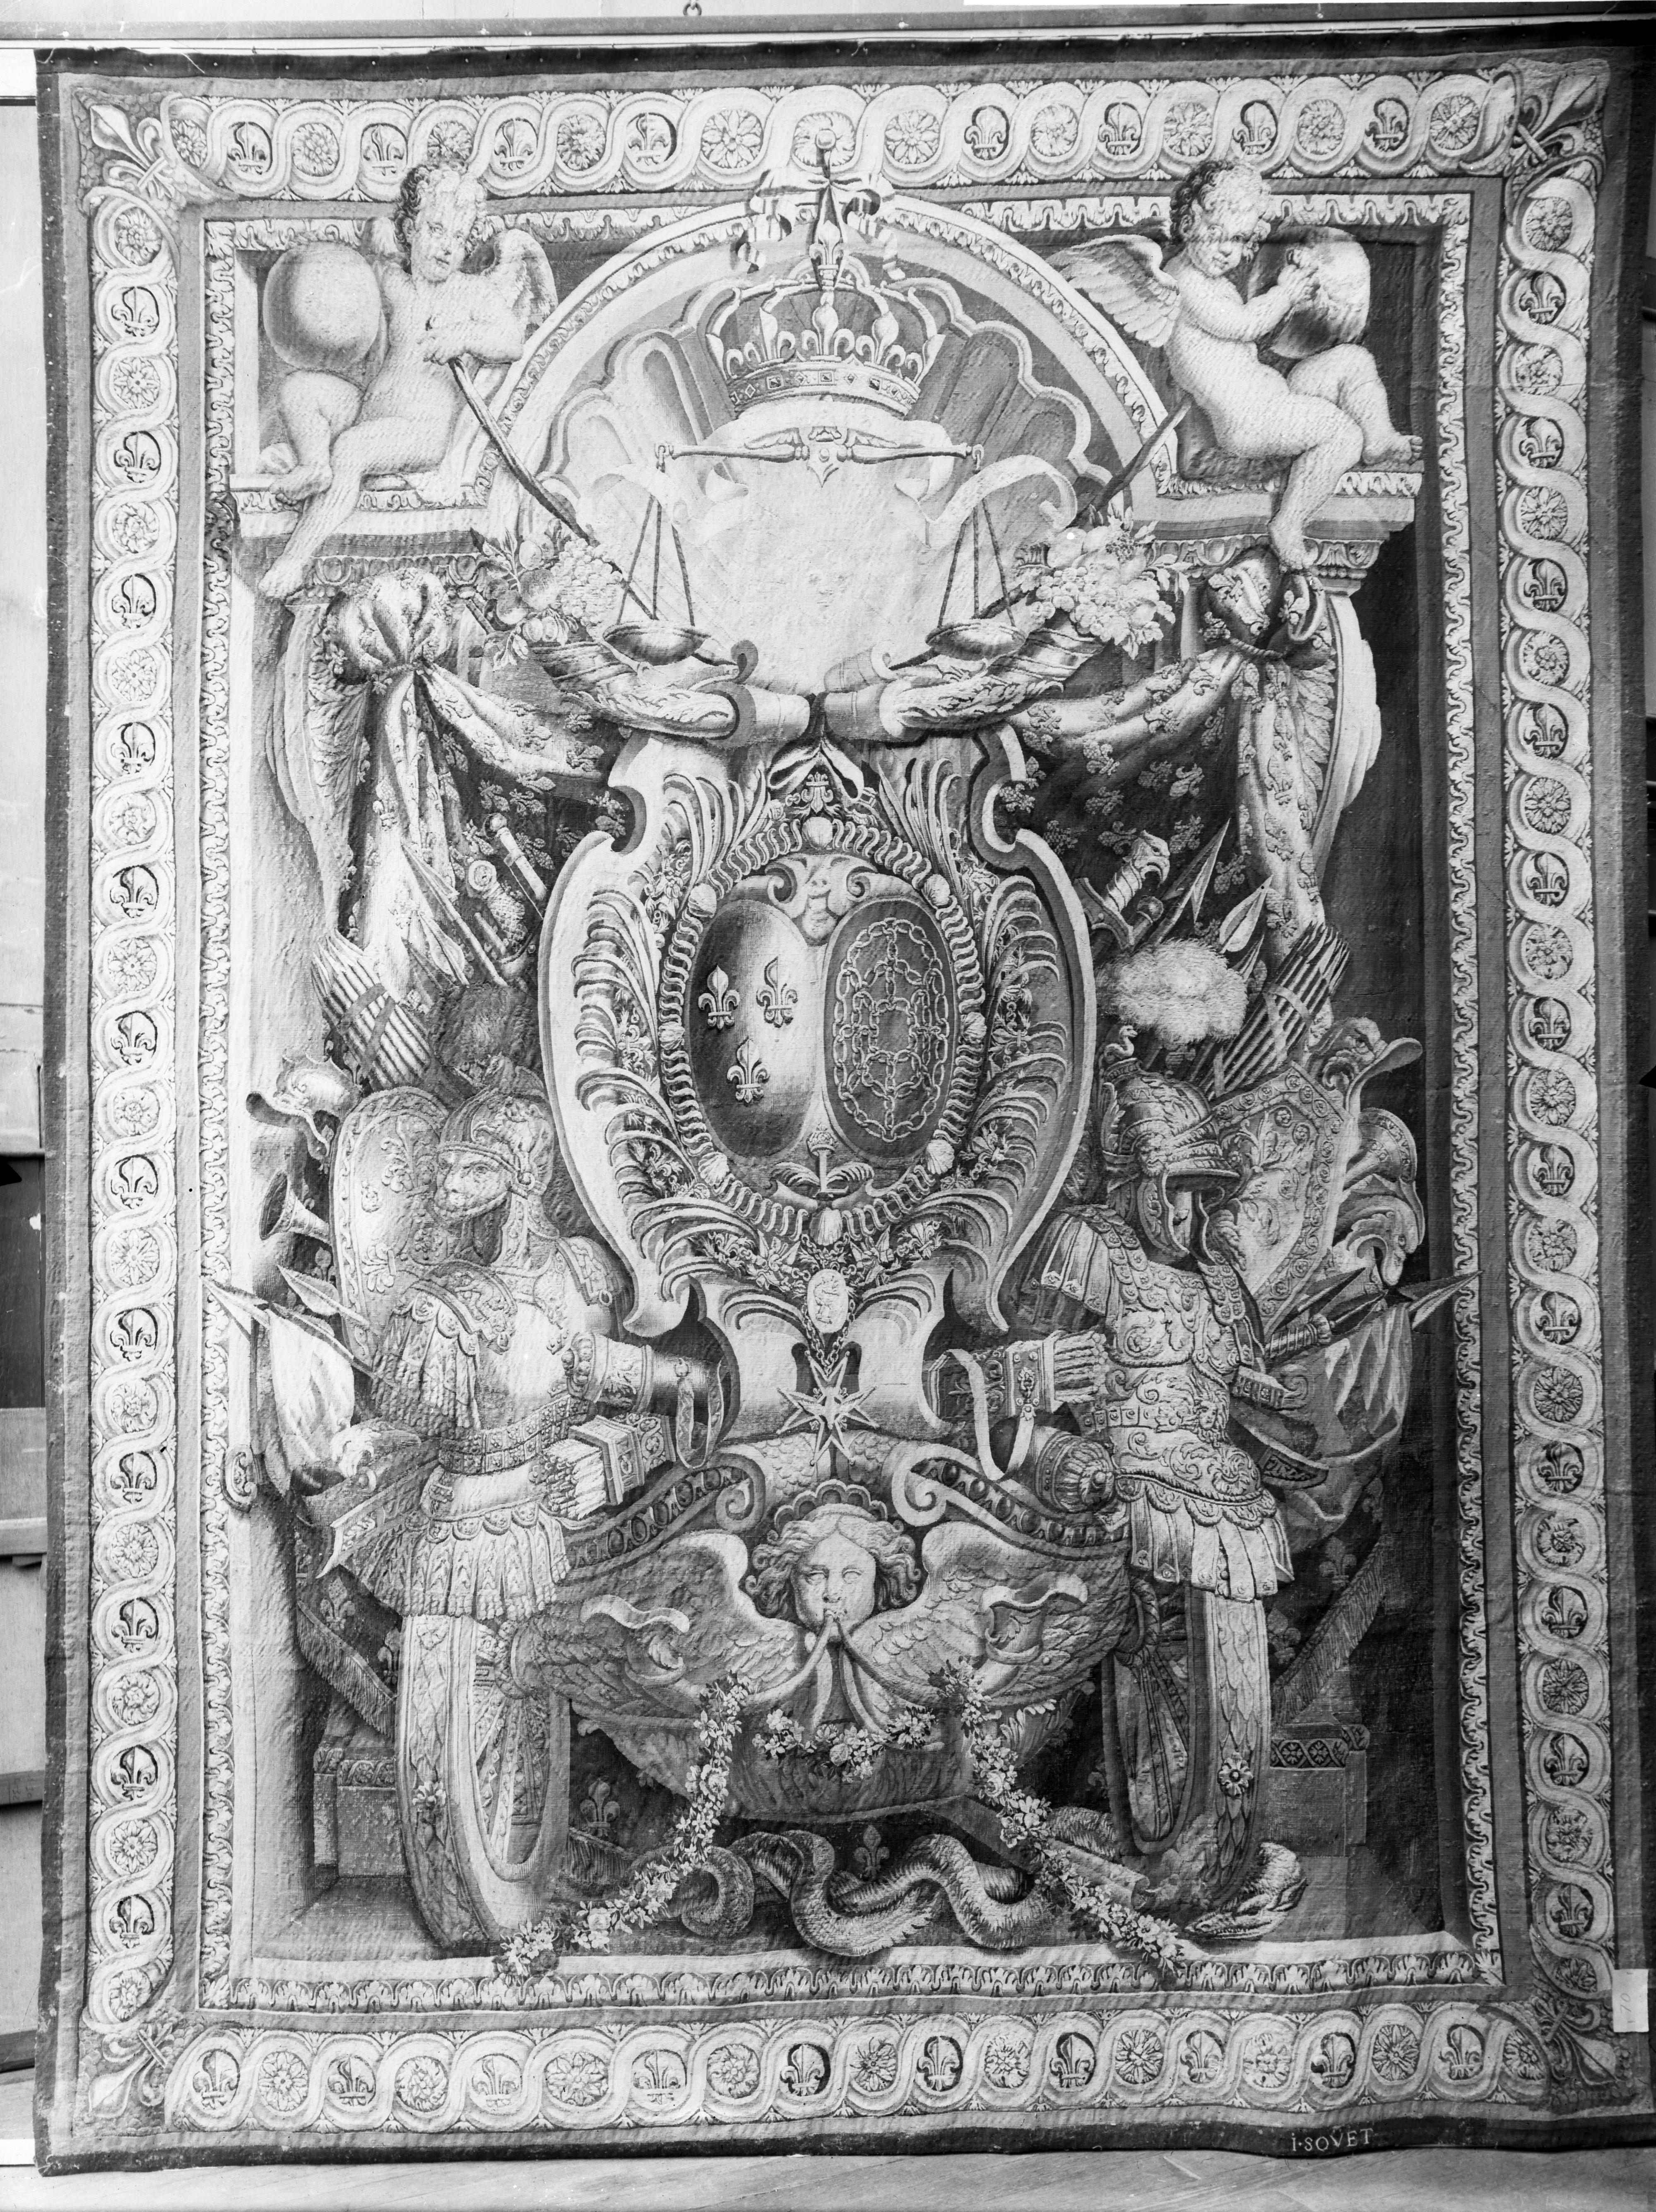 mnr/OAR00446/OAR446-copyright_Musee_du_Louvre-departement_des_Objets_d_art.jpg